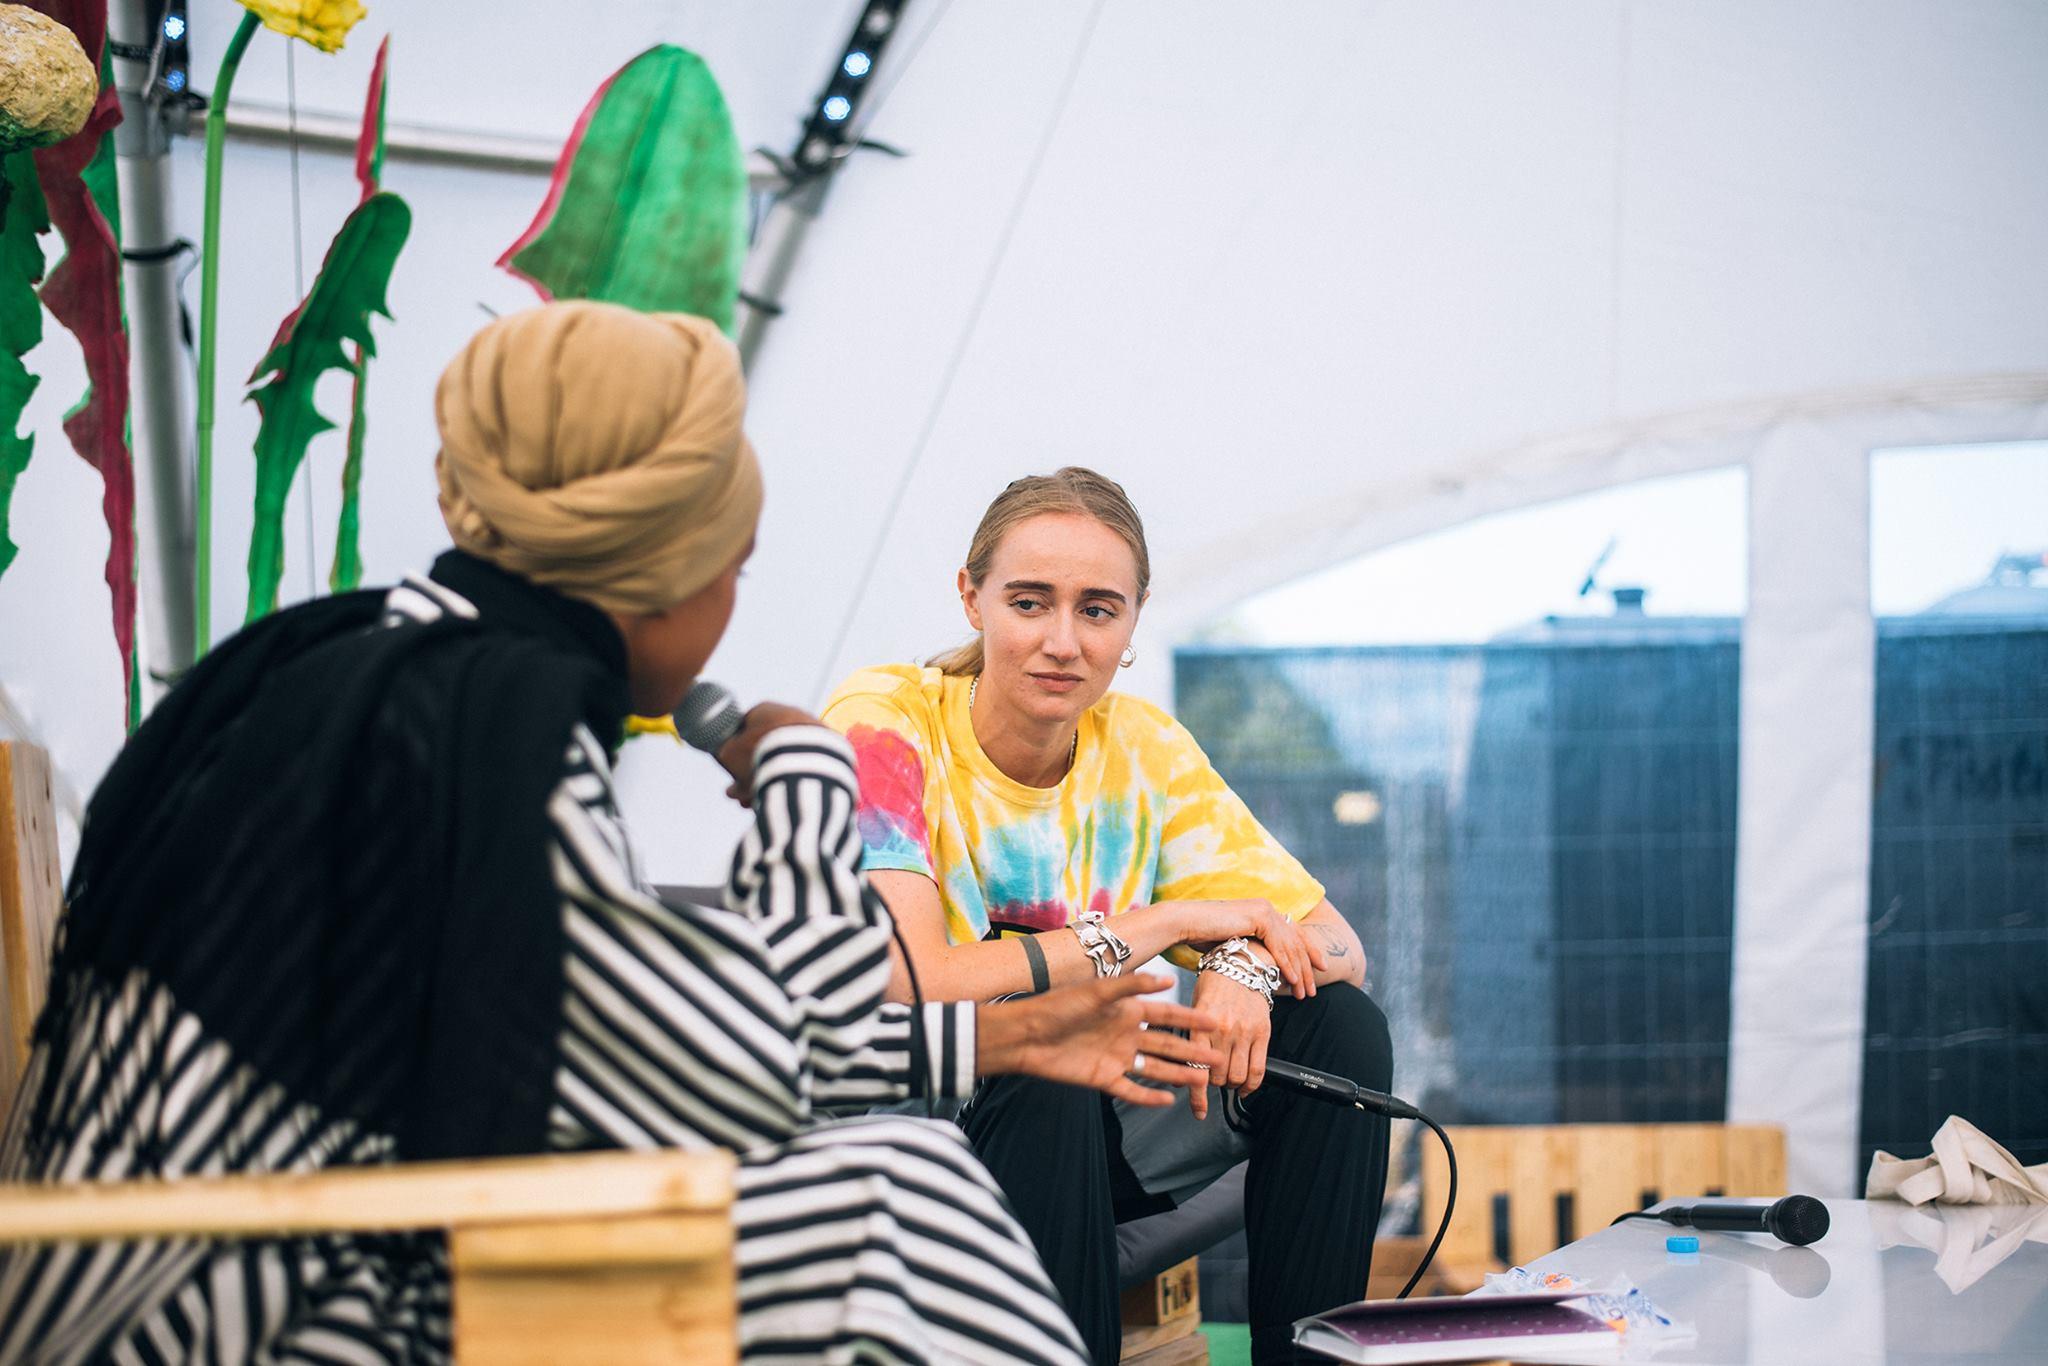 RT KONSULT - Jokainen suomalainen organisaatio tarvitsee kriittistä keskustelua representaatioista, moninaisuudesta ja inklusiivisuudesta. Me luennoimme, juonnamme, keskustelemme ja koulutamme.Kysy koulutuksista